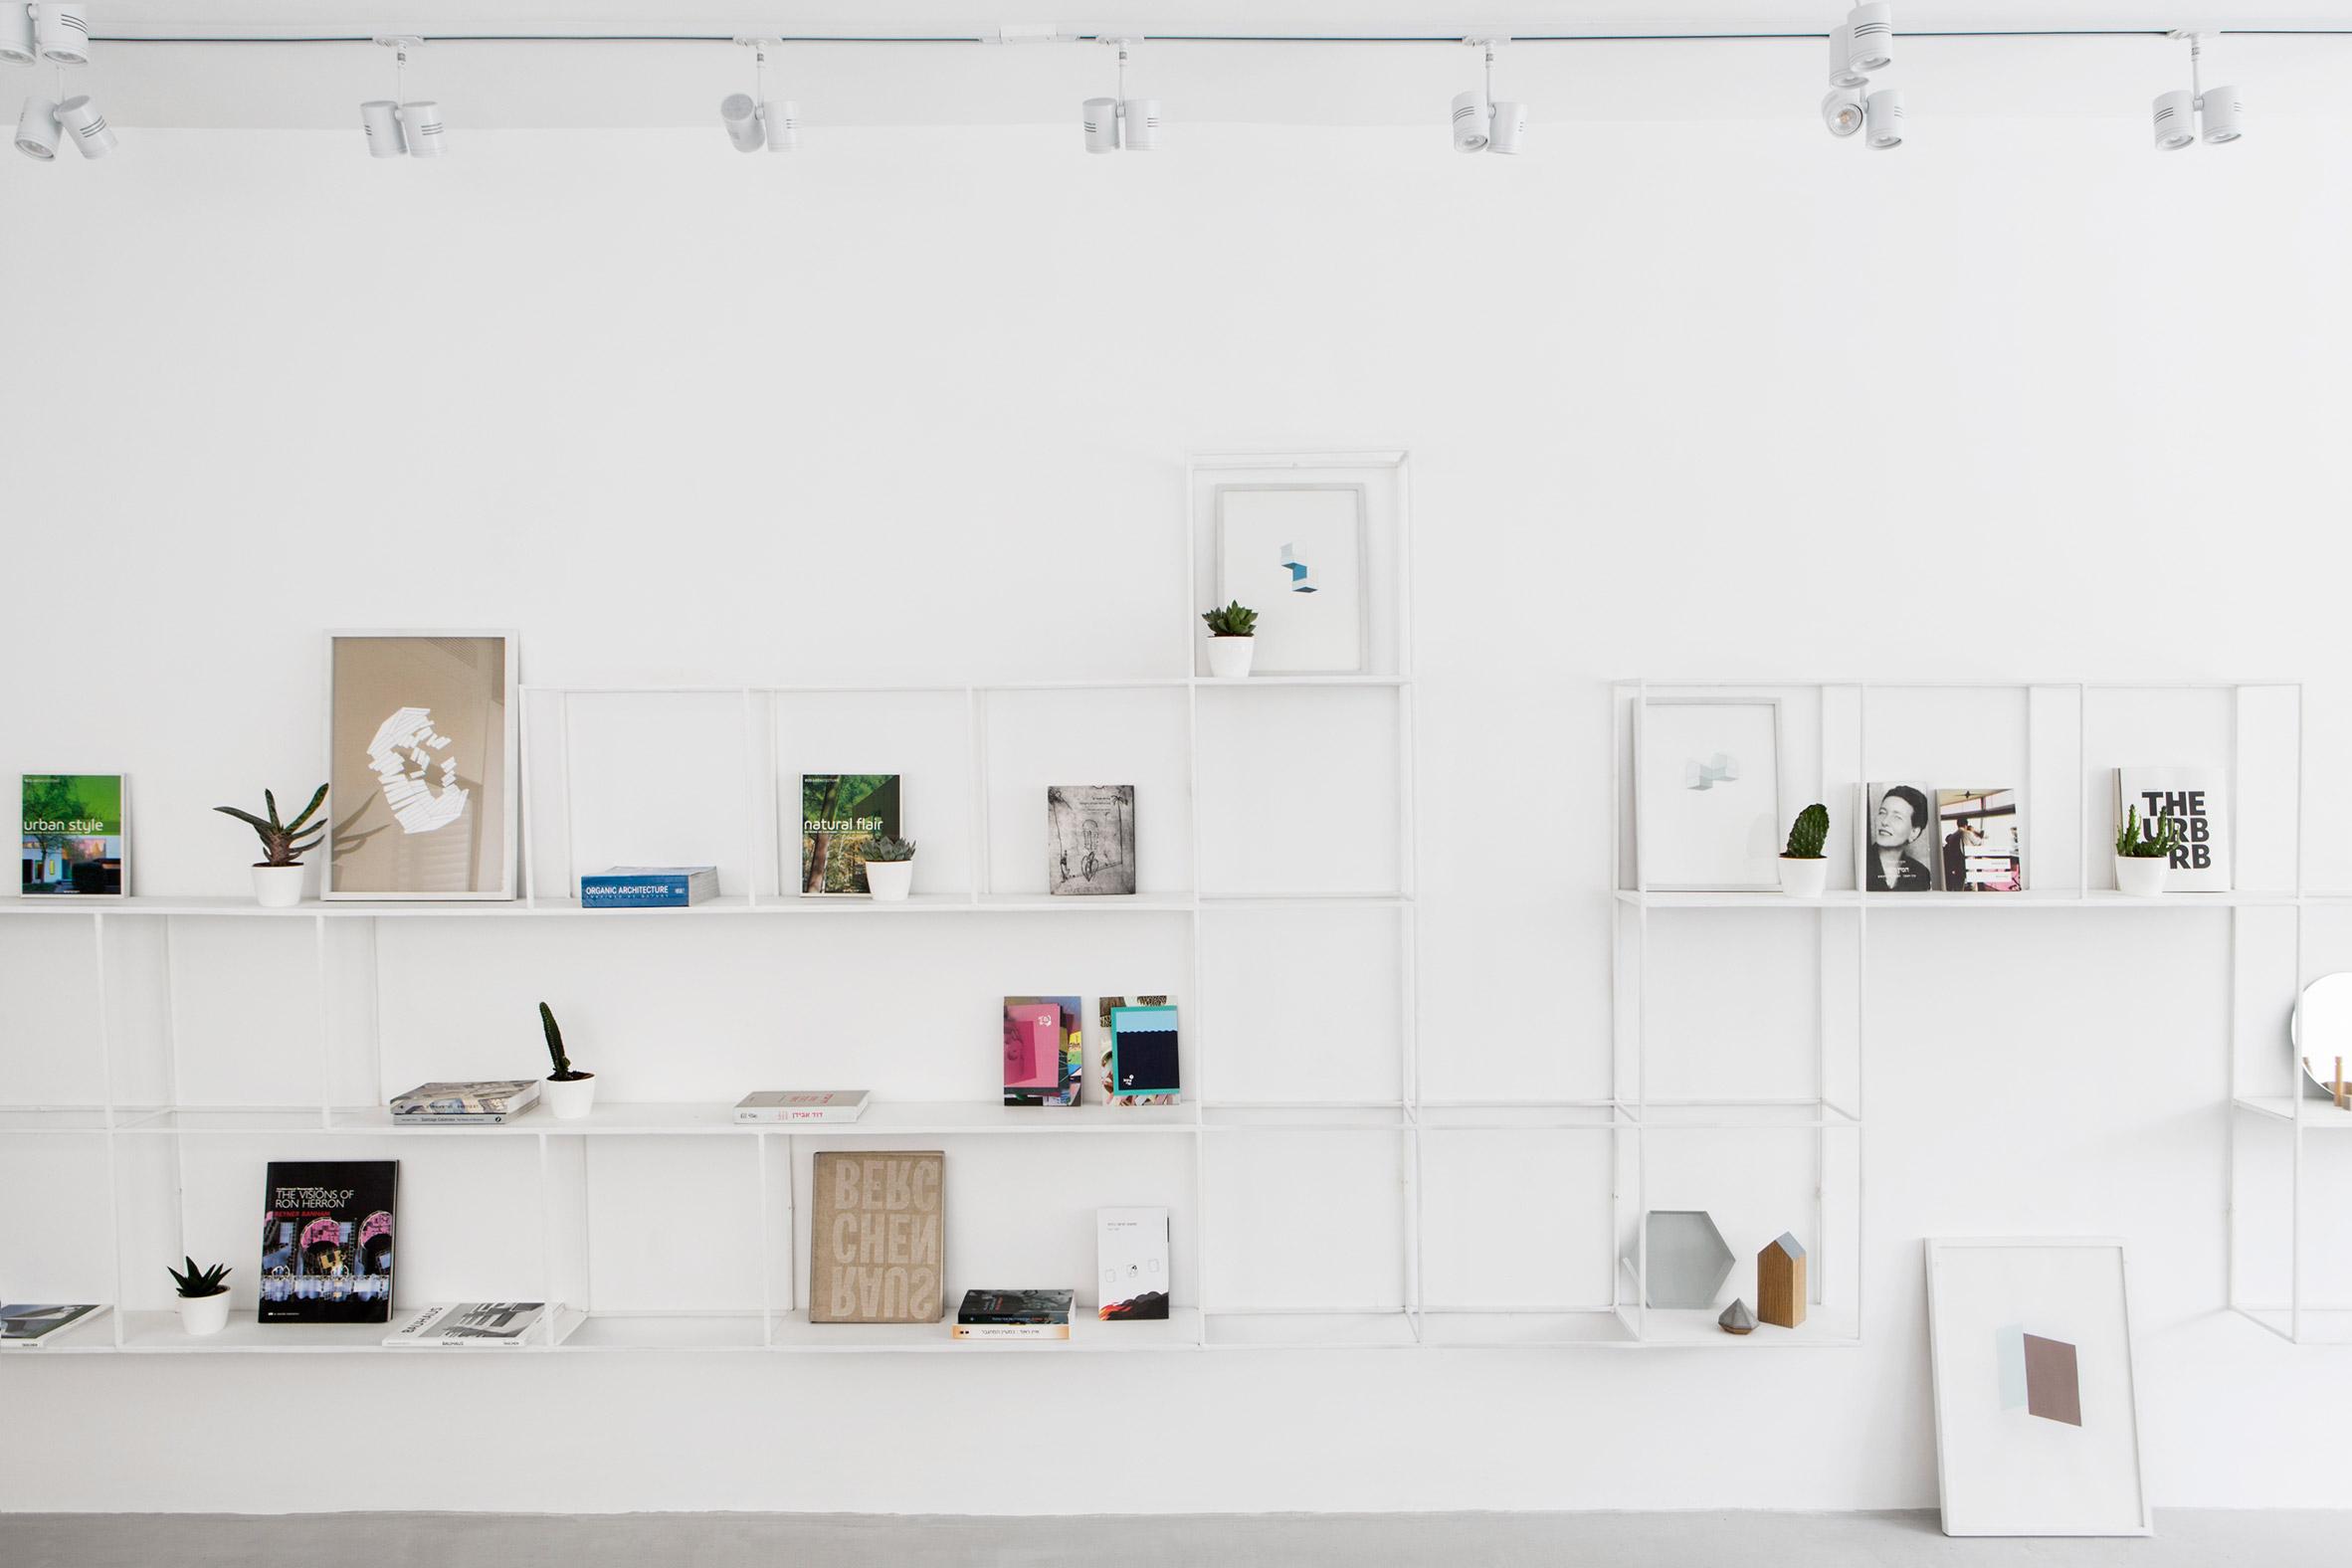 minimalist-tel-aviv-apartment-yael-perry-israel_dezeen_2364_col_4